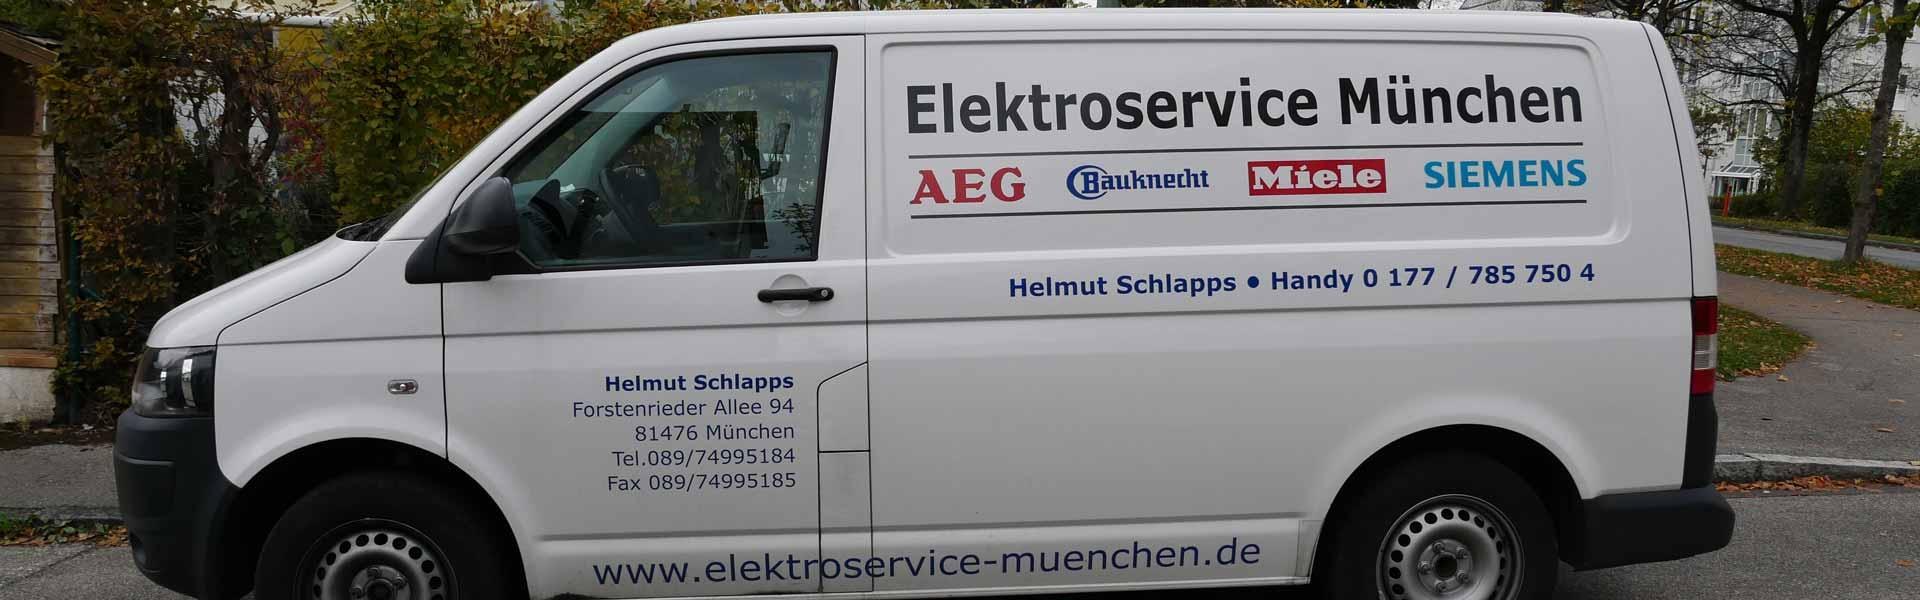 Der Elektroservice für München